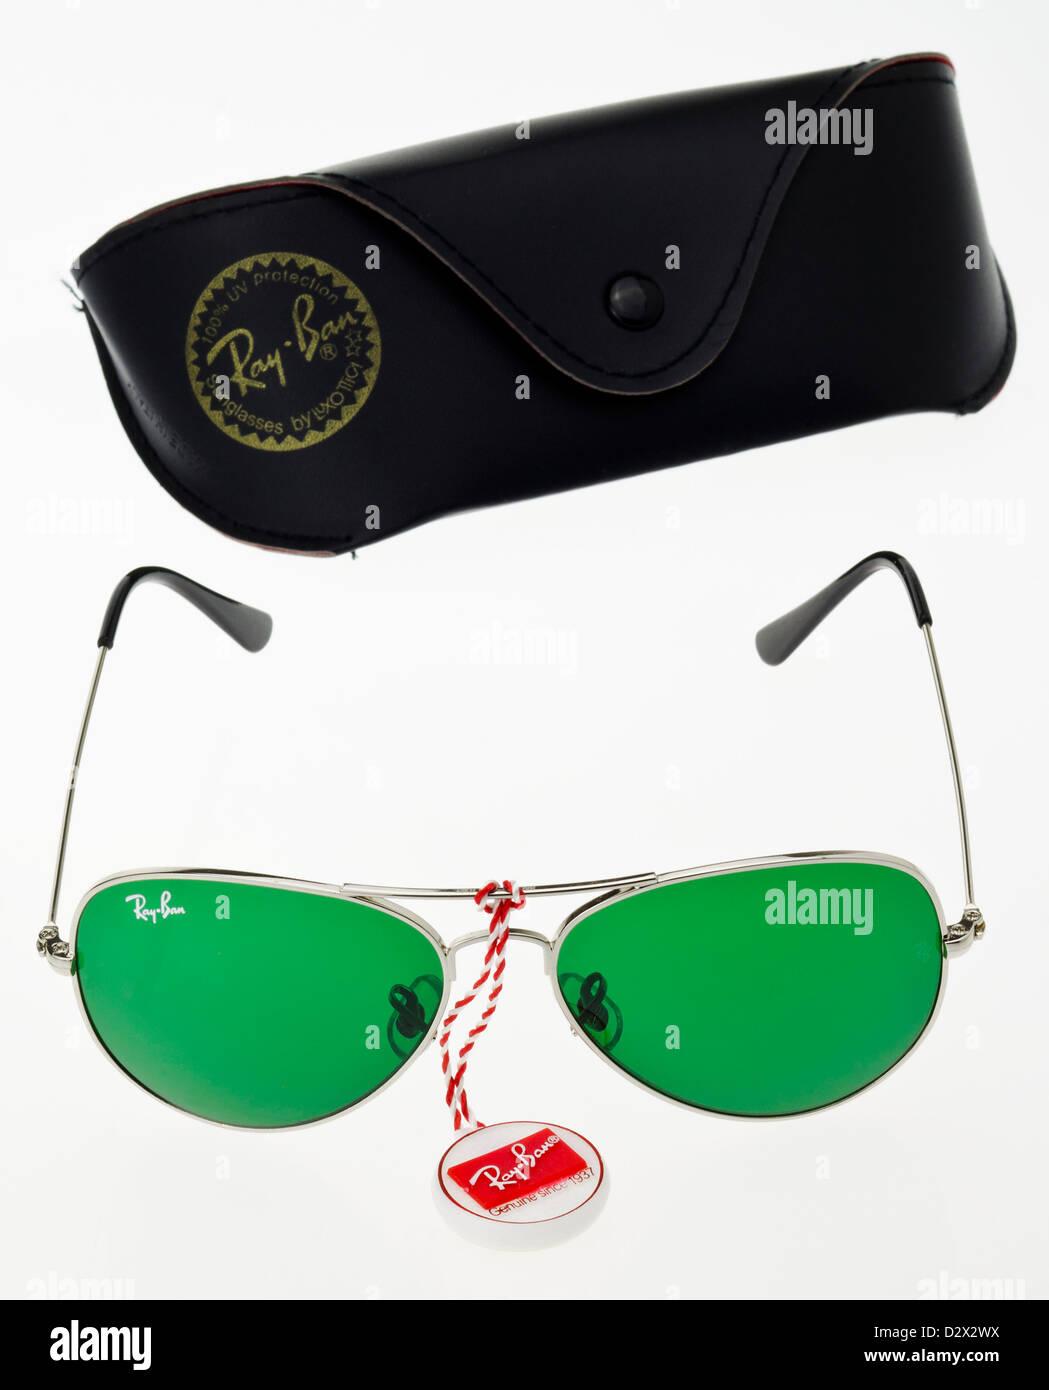 53193ffde59ae Gafas Ray Ban Originales Comprar En China « One More Soul